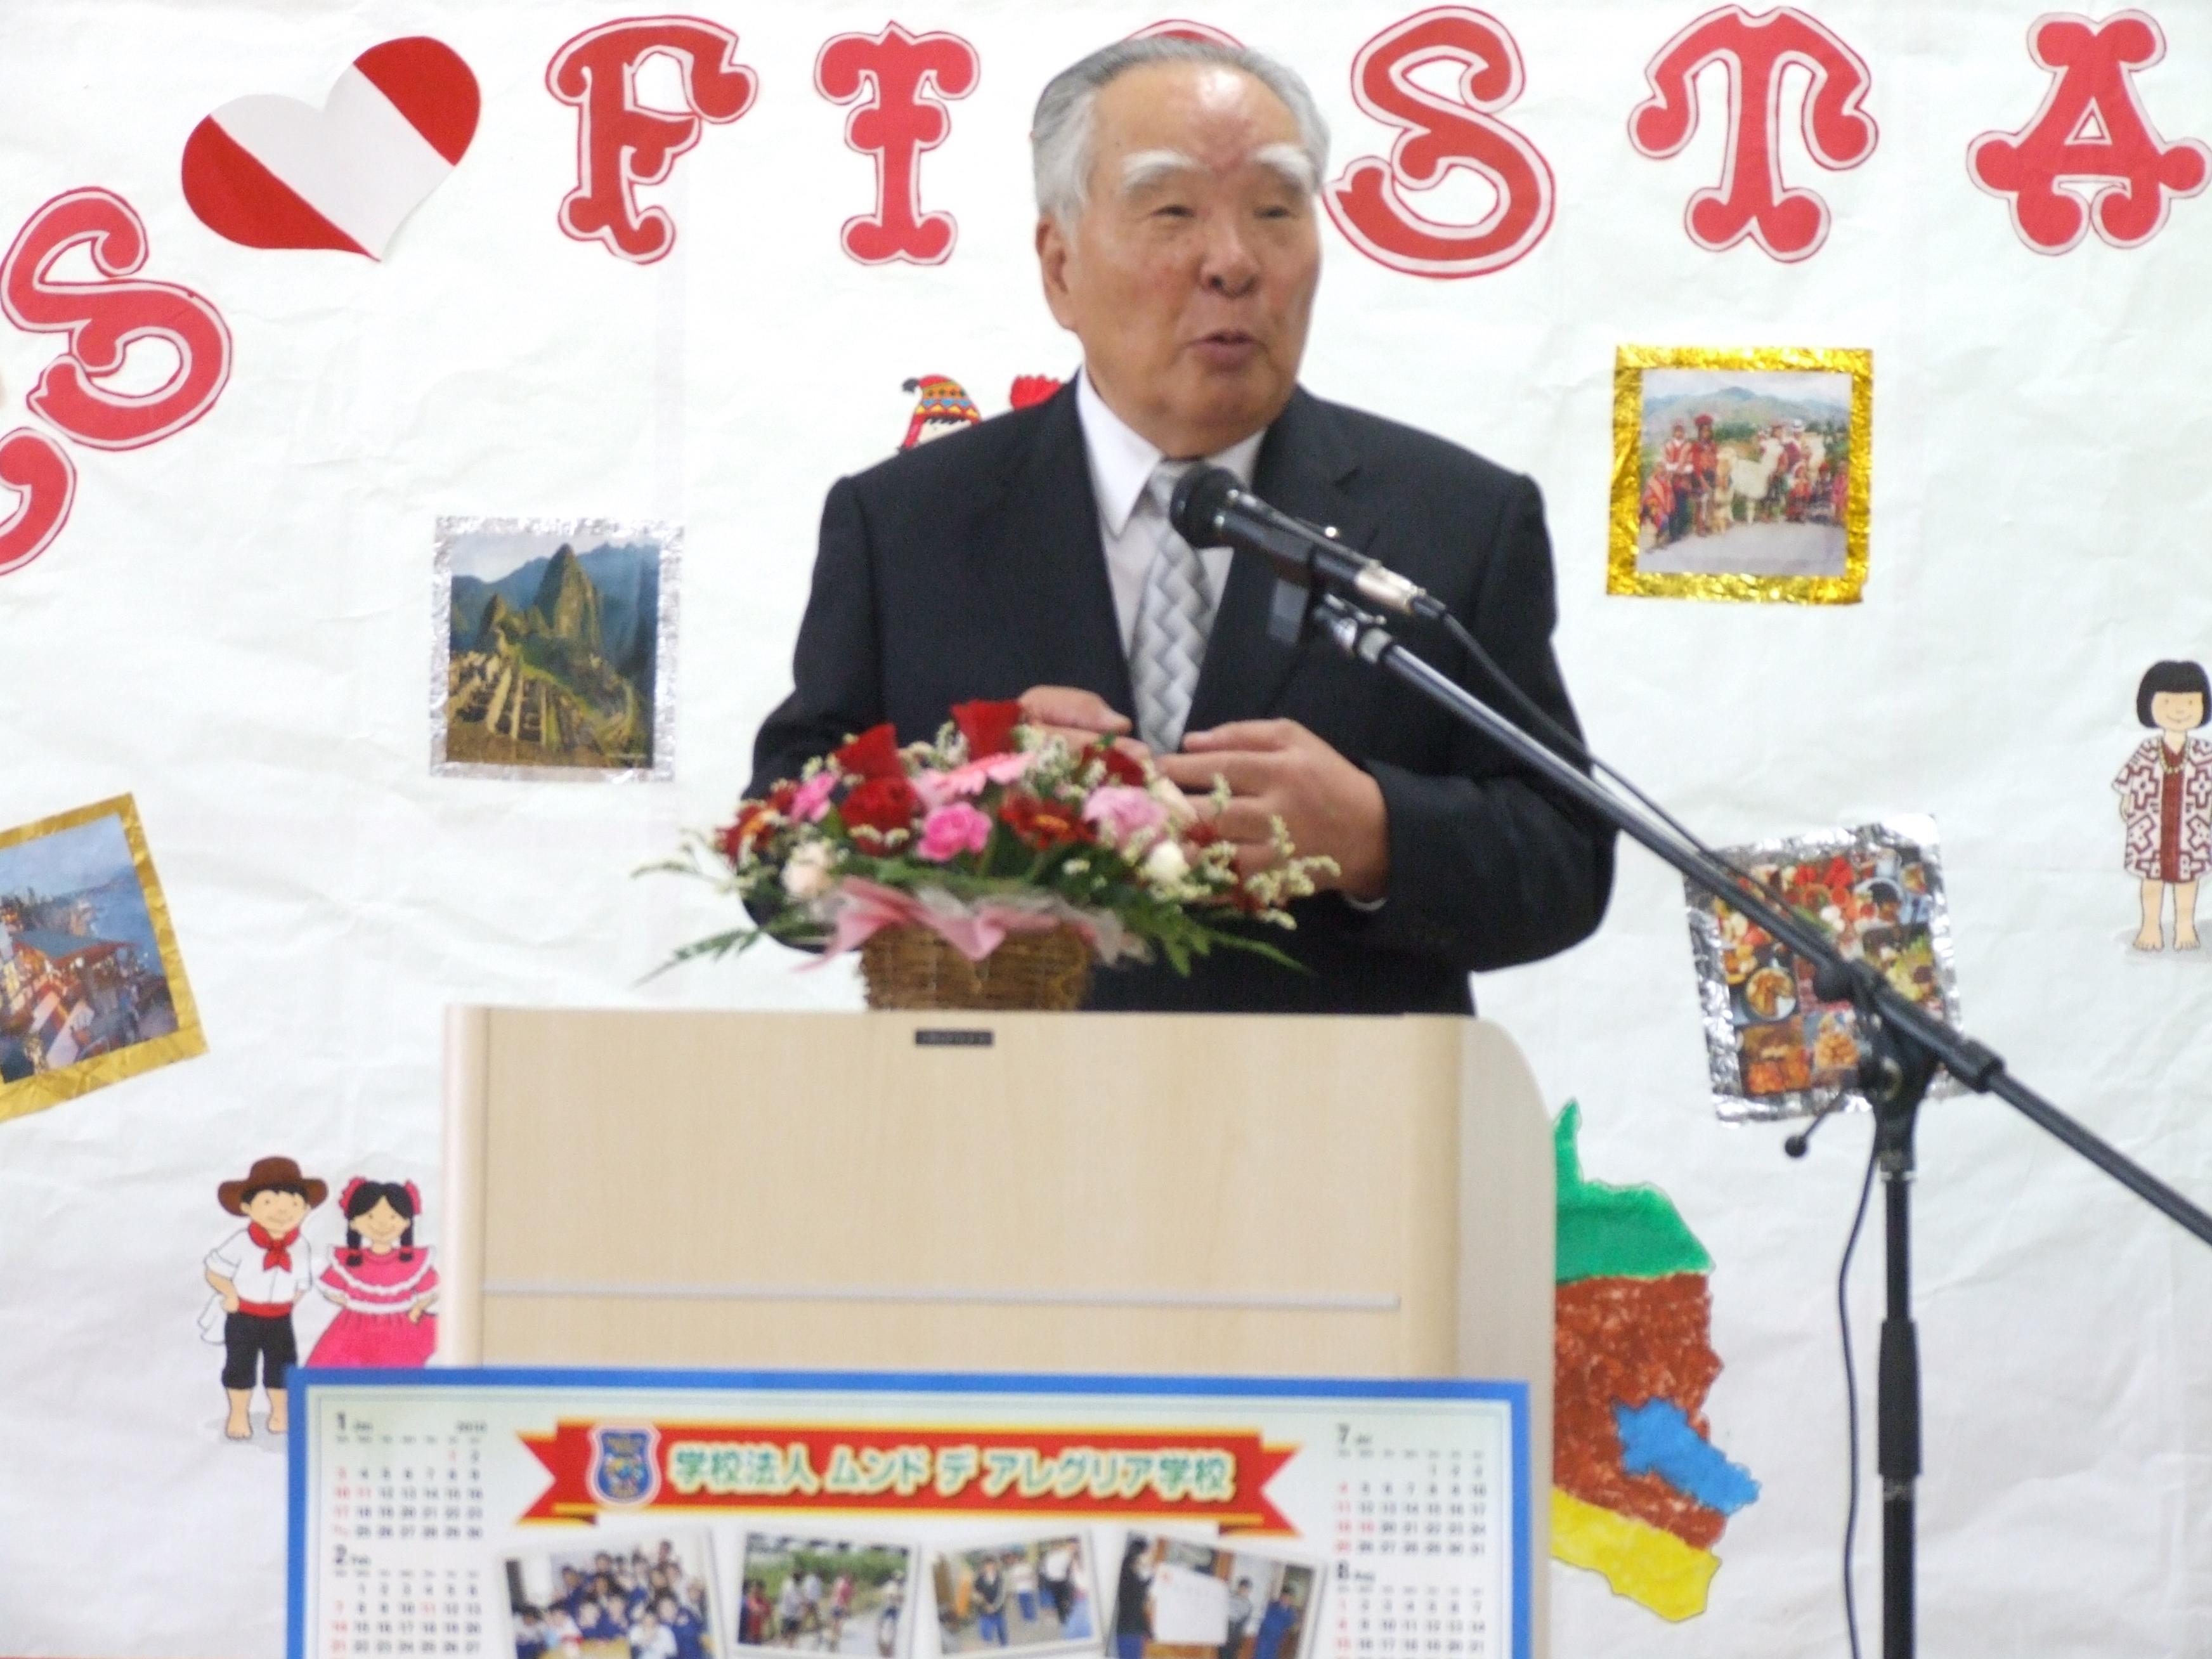 http://www.mundodealegria.org/images/DSCF3318.JPG